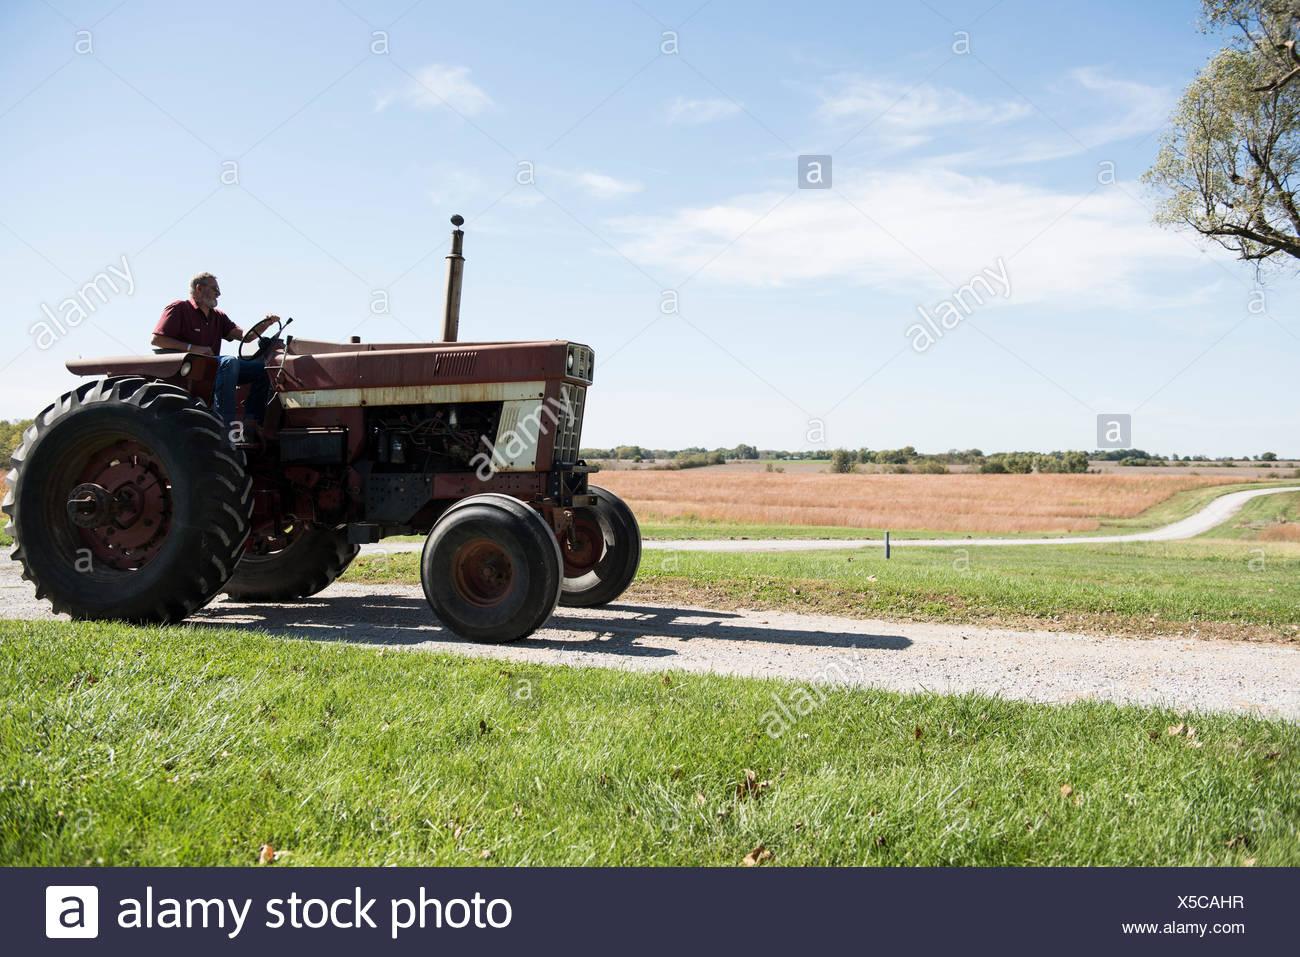 Agricultor manejando el tractor en carretera rural, Missouri, EE.UU. Imagen De Stock